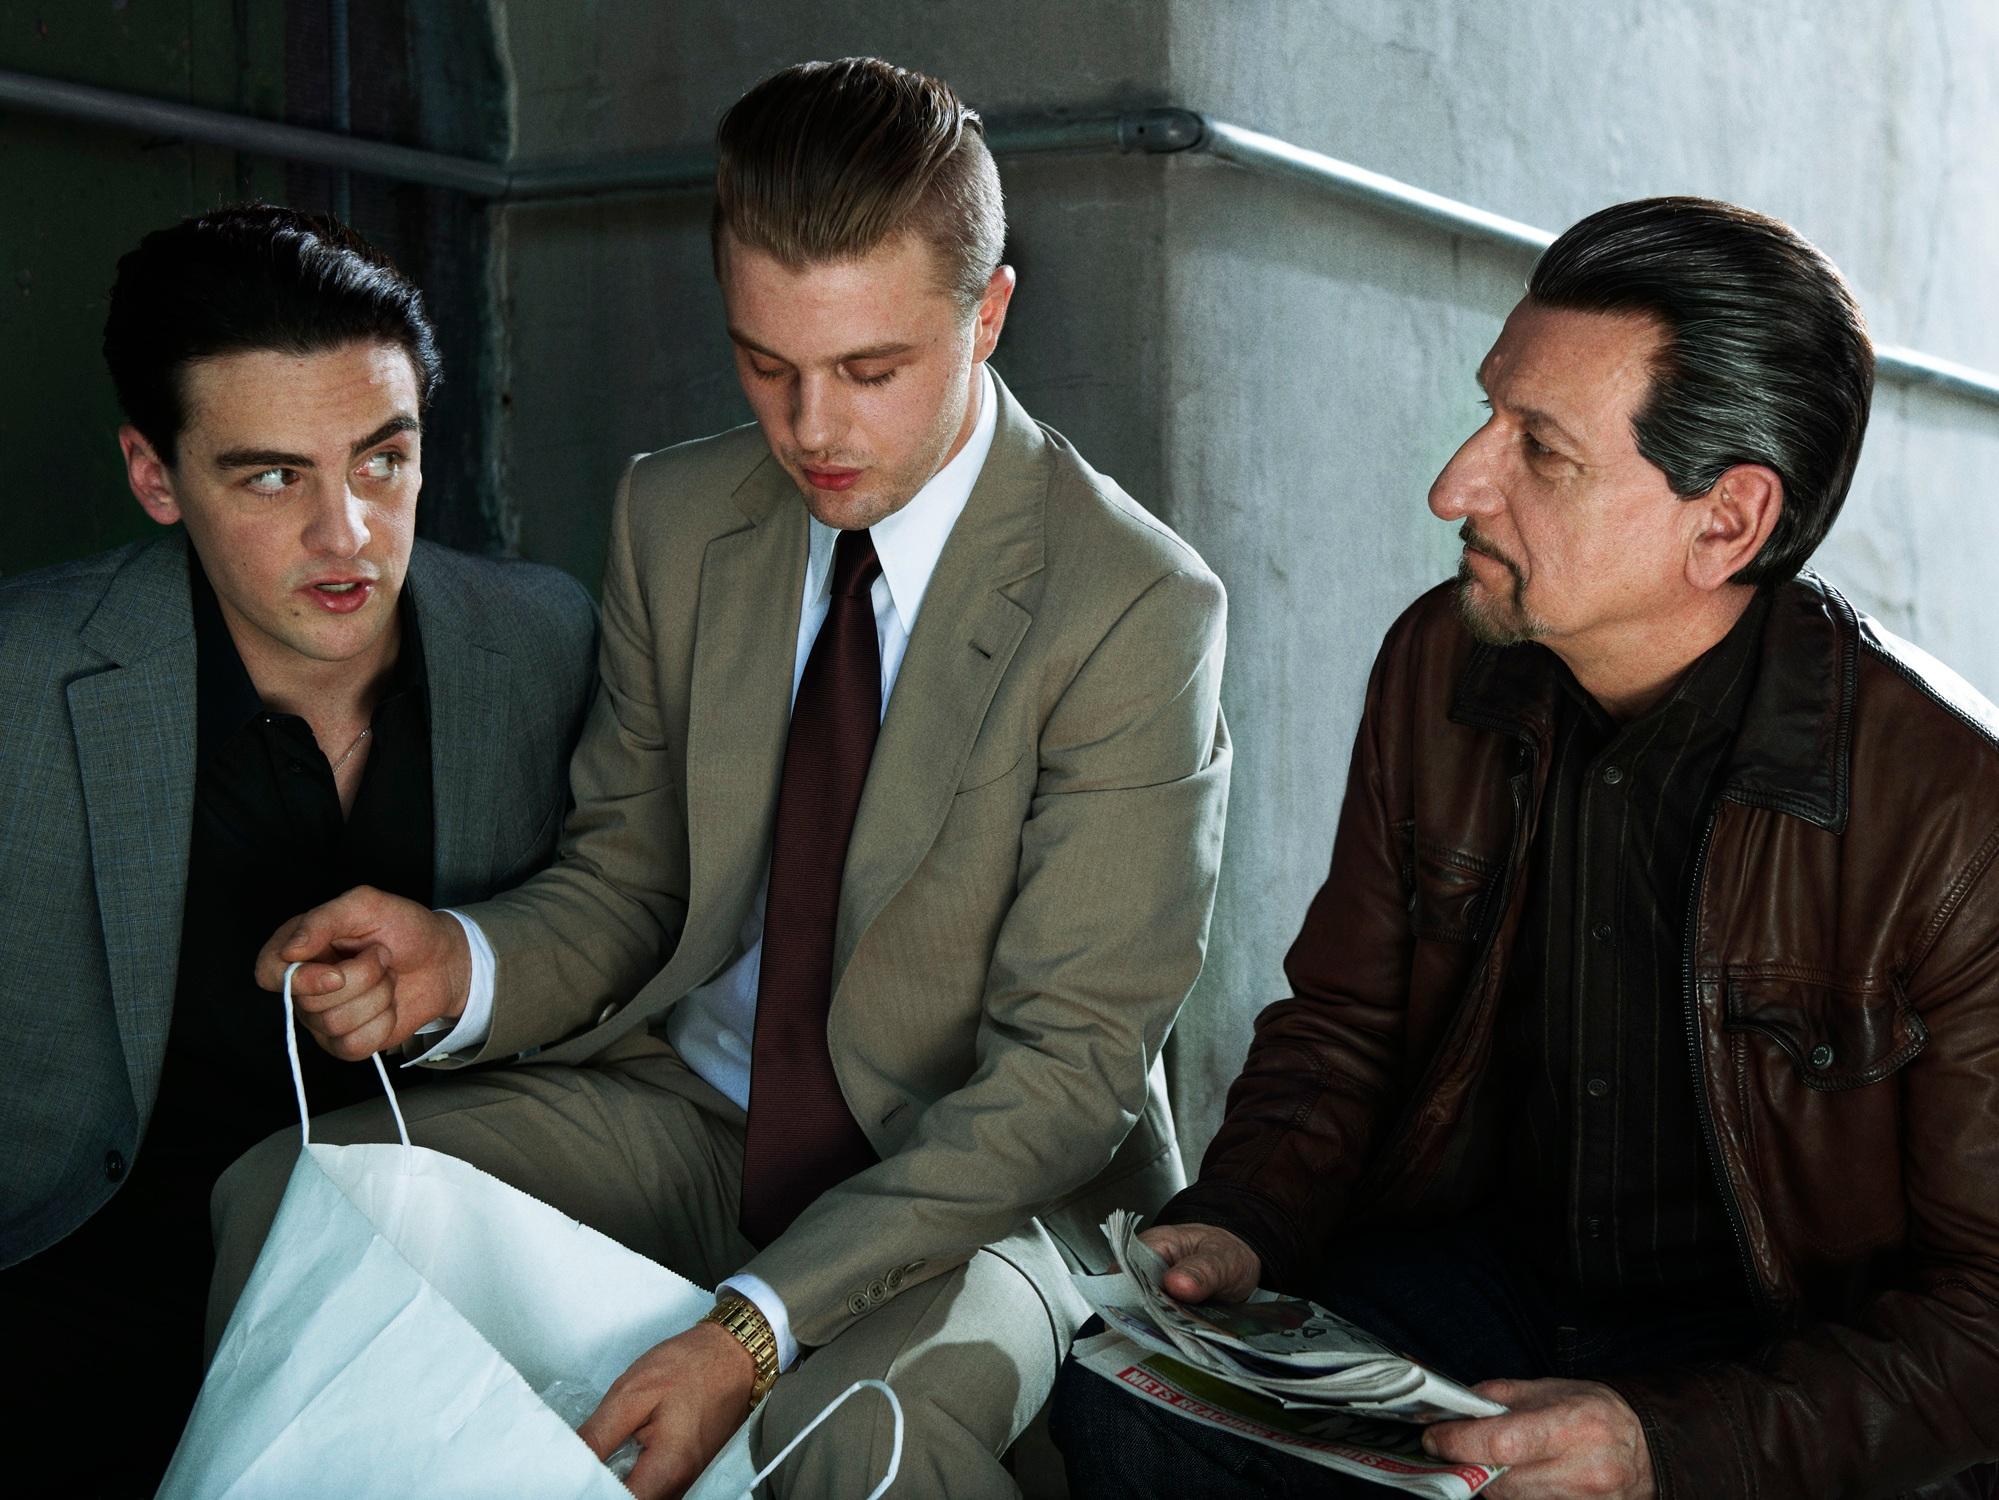 JS_Bazaar_Scorsese_0053_V3.jpg